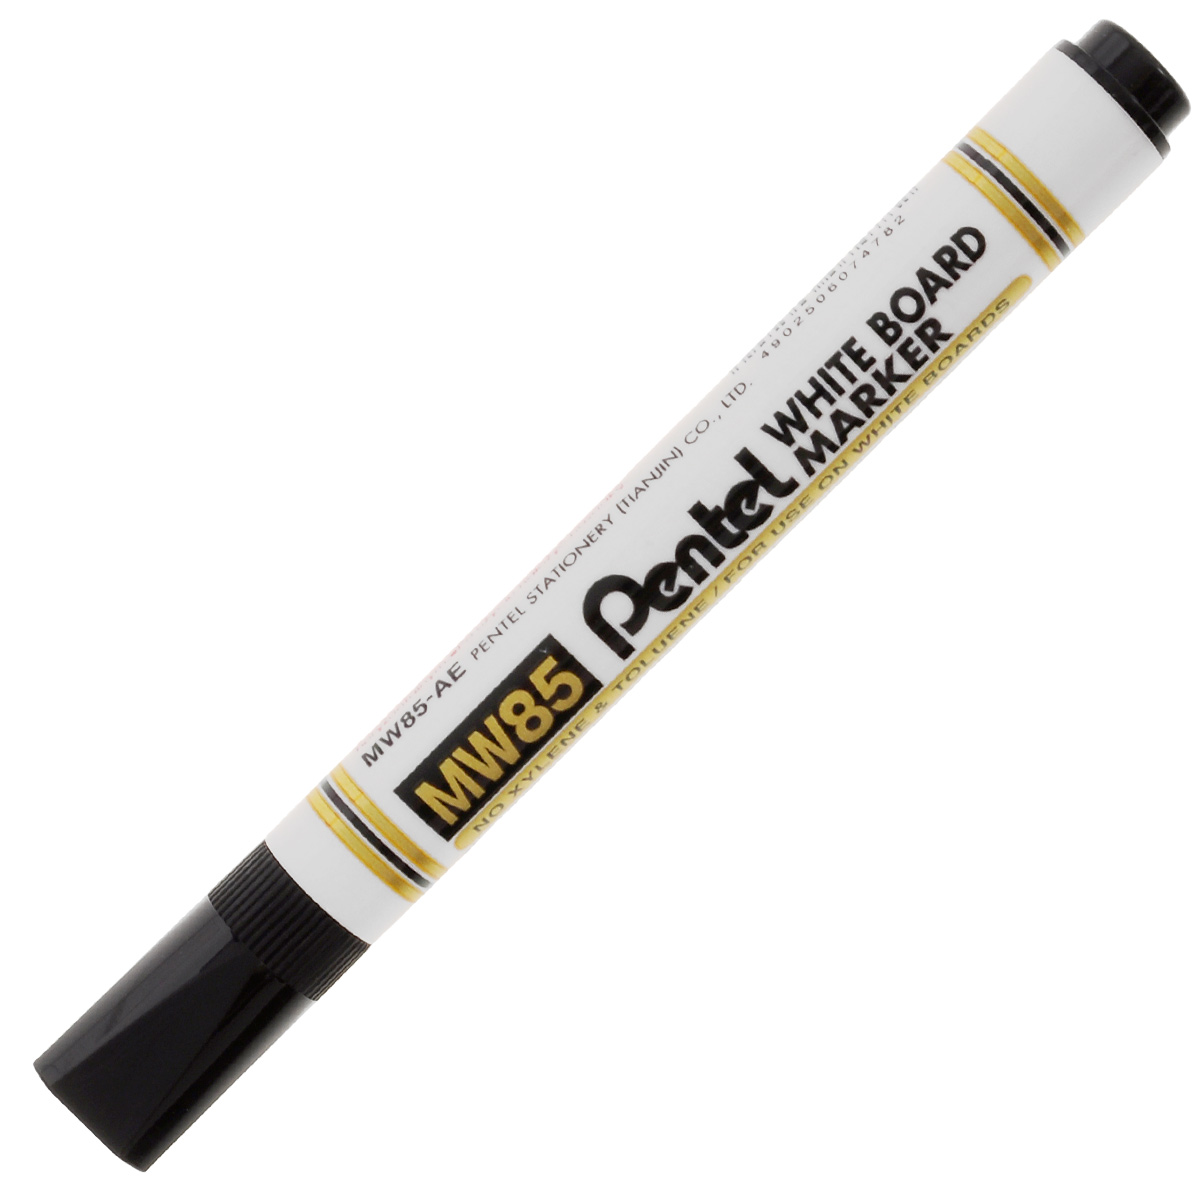 Маркер Pentel, для досок, цвет: черный72523WDМаркер Pentel черного цвета станет для вас верным помощником при проведении презентаций или семинаров.Маркер выполнен из пластика и предназначен для письма на доске. Корпус маркера белого цвета, а цвет колпачка соответствует цвету чернил. Маркер обеспечивает ровные и четкие линии, диаметр стержня 4,2 мм. Уникальный квадратный колпачок не позволит ему скатиться со стола, и он всегда будет у вас под рукой.Рекомендуемый возраст: от 3 лет.